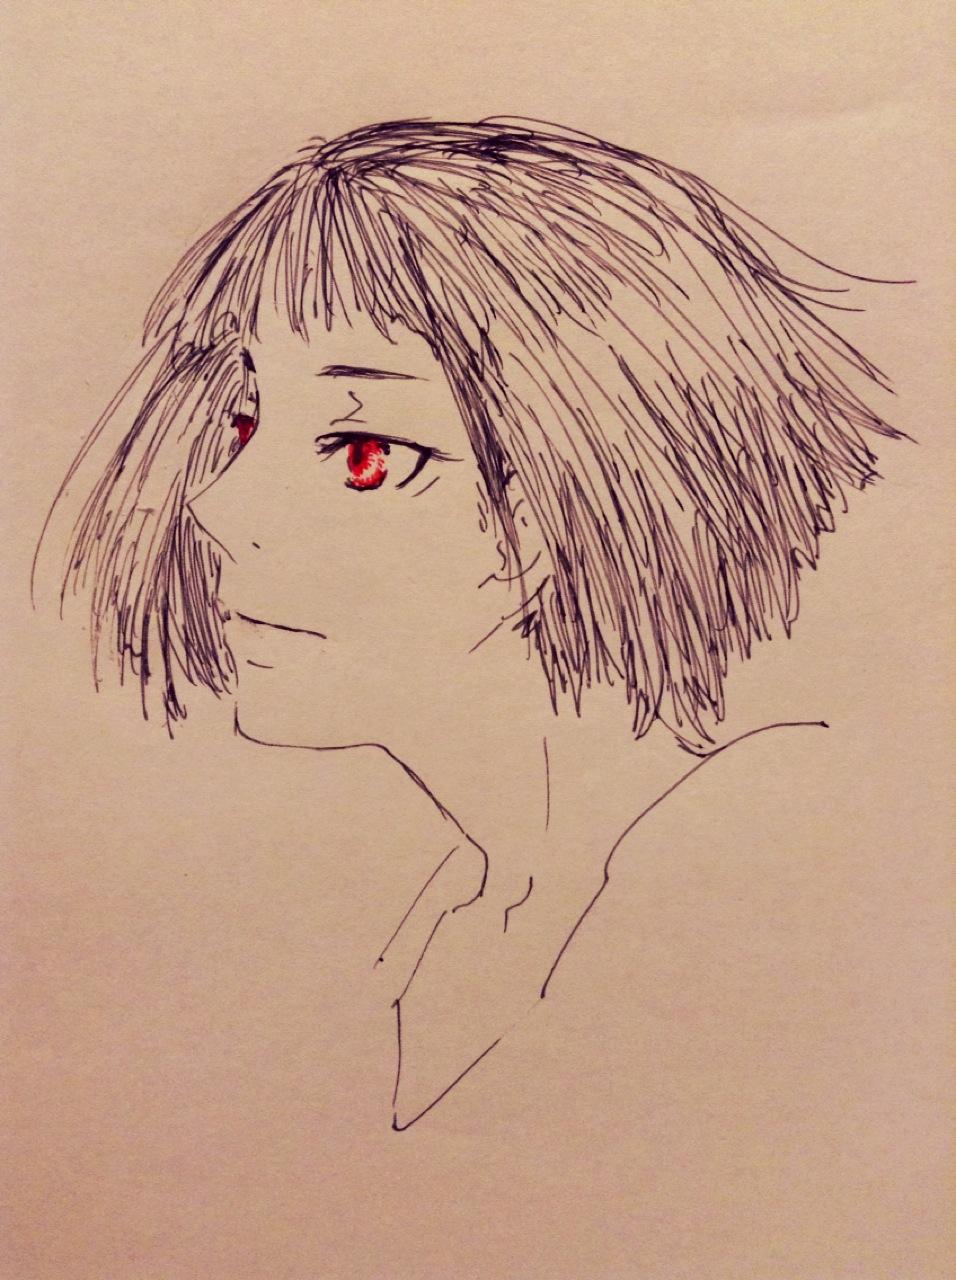 赤い瞳の桜火竜